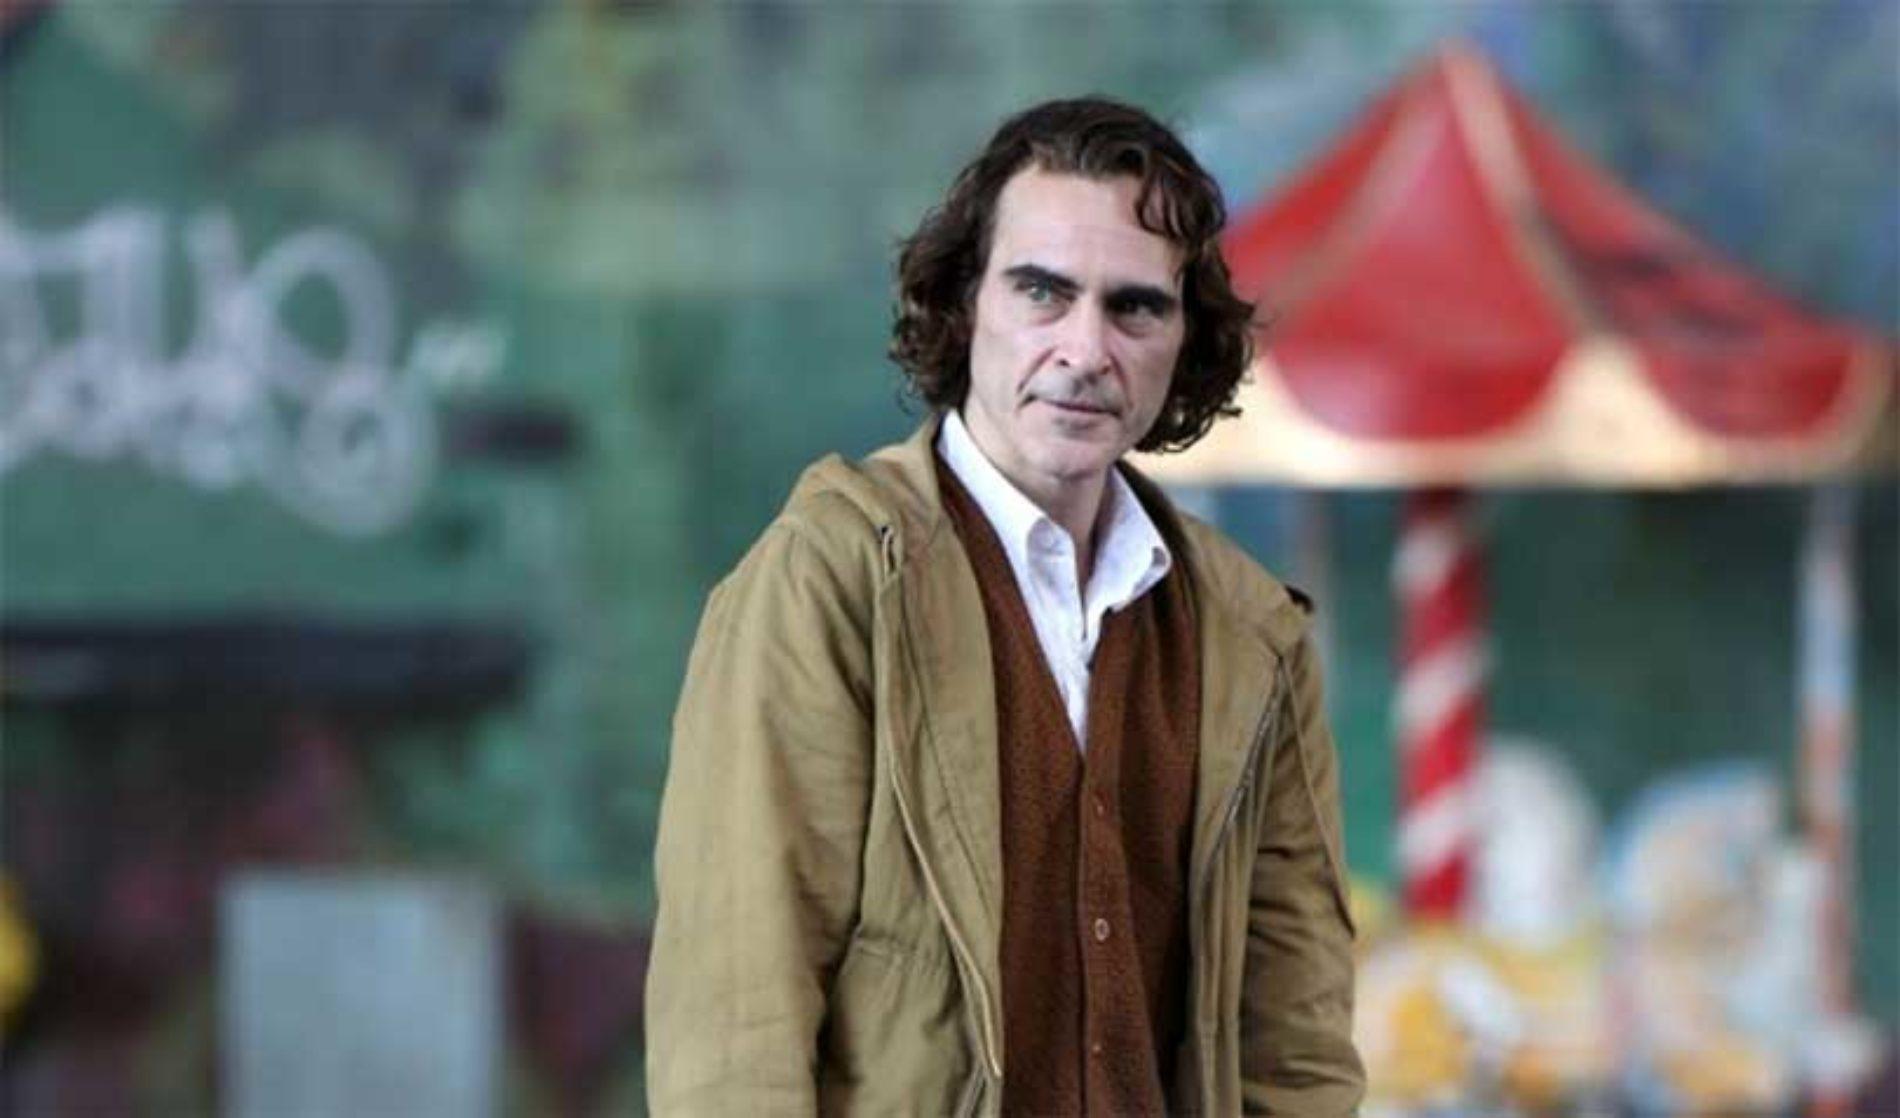 Sjekk de uhyggelige bildene av Joaquin Phoenix i Joker!